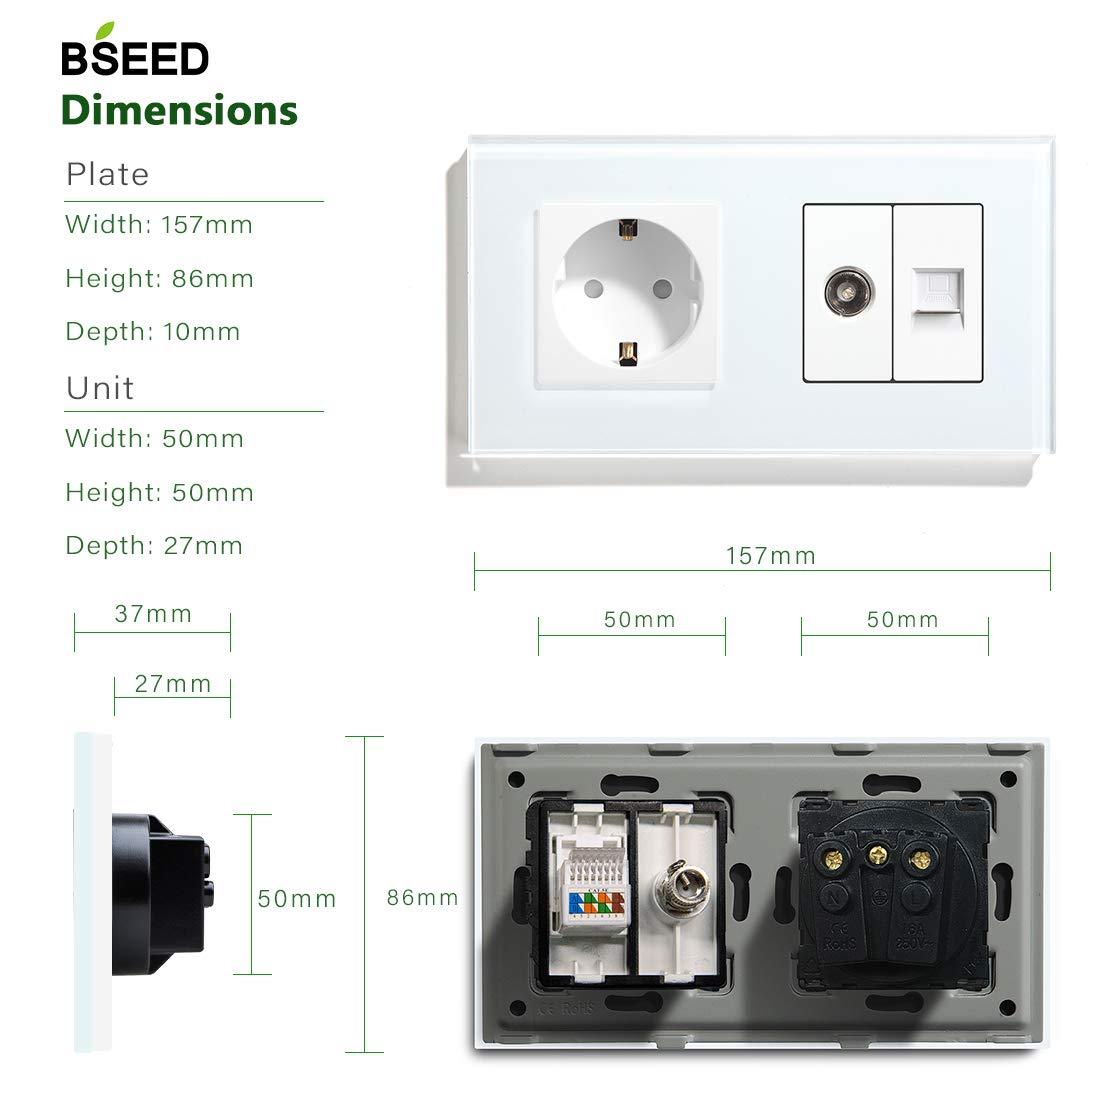 BSEED Panel de vidrio 16A Enchufe de la UE con PC Mejorado CAT 5E y USB Conexiones de carga Fuente de alimentaci/ón Enchufes de 100-220V Negro